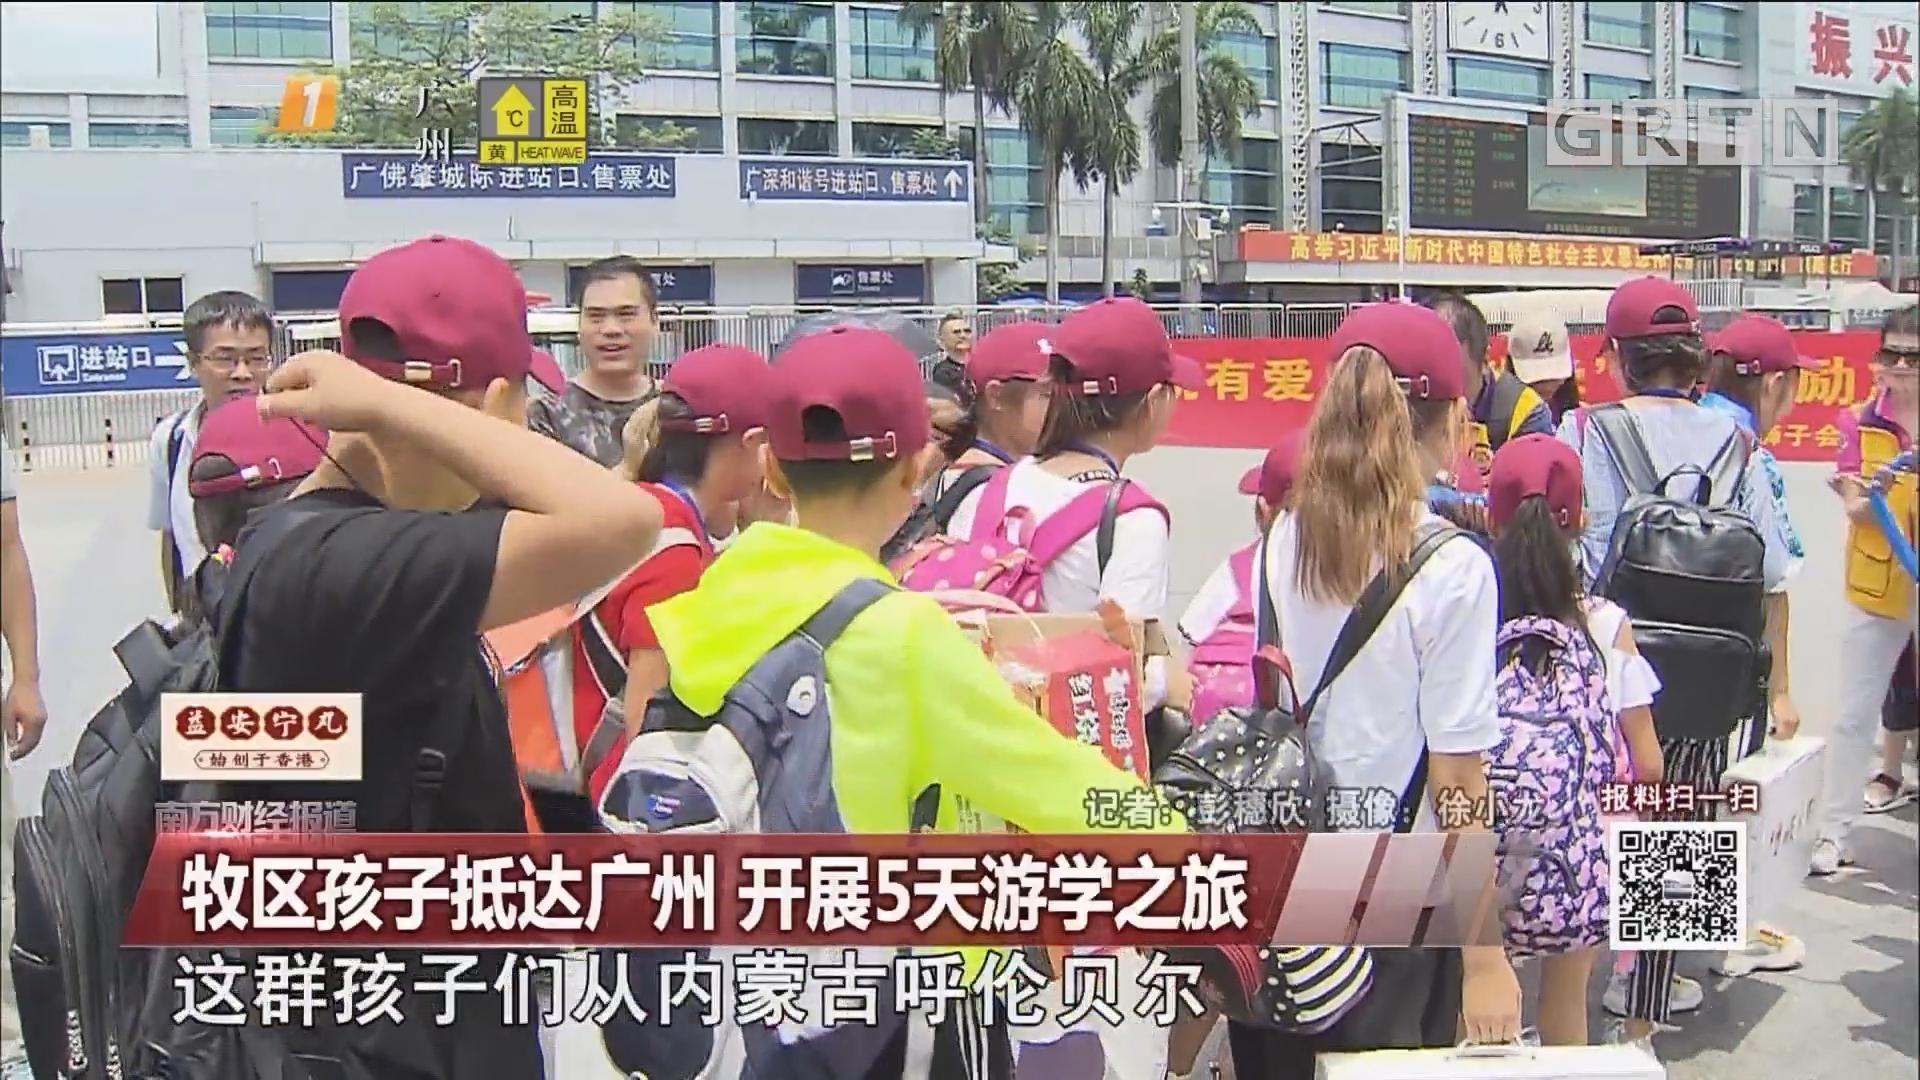 牧区孩子抵达广州 开展5天游学之旅